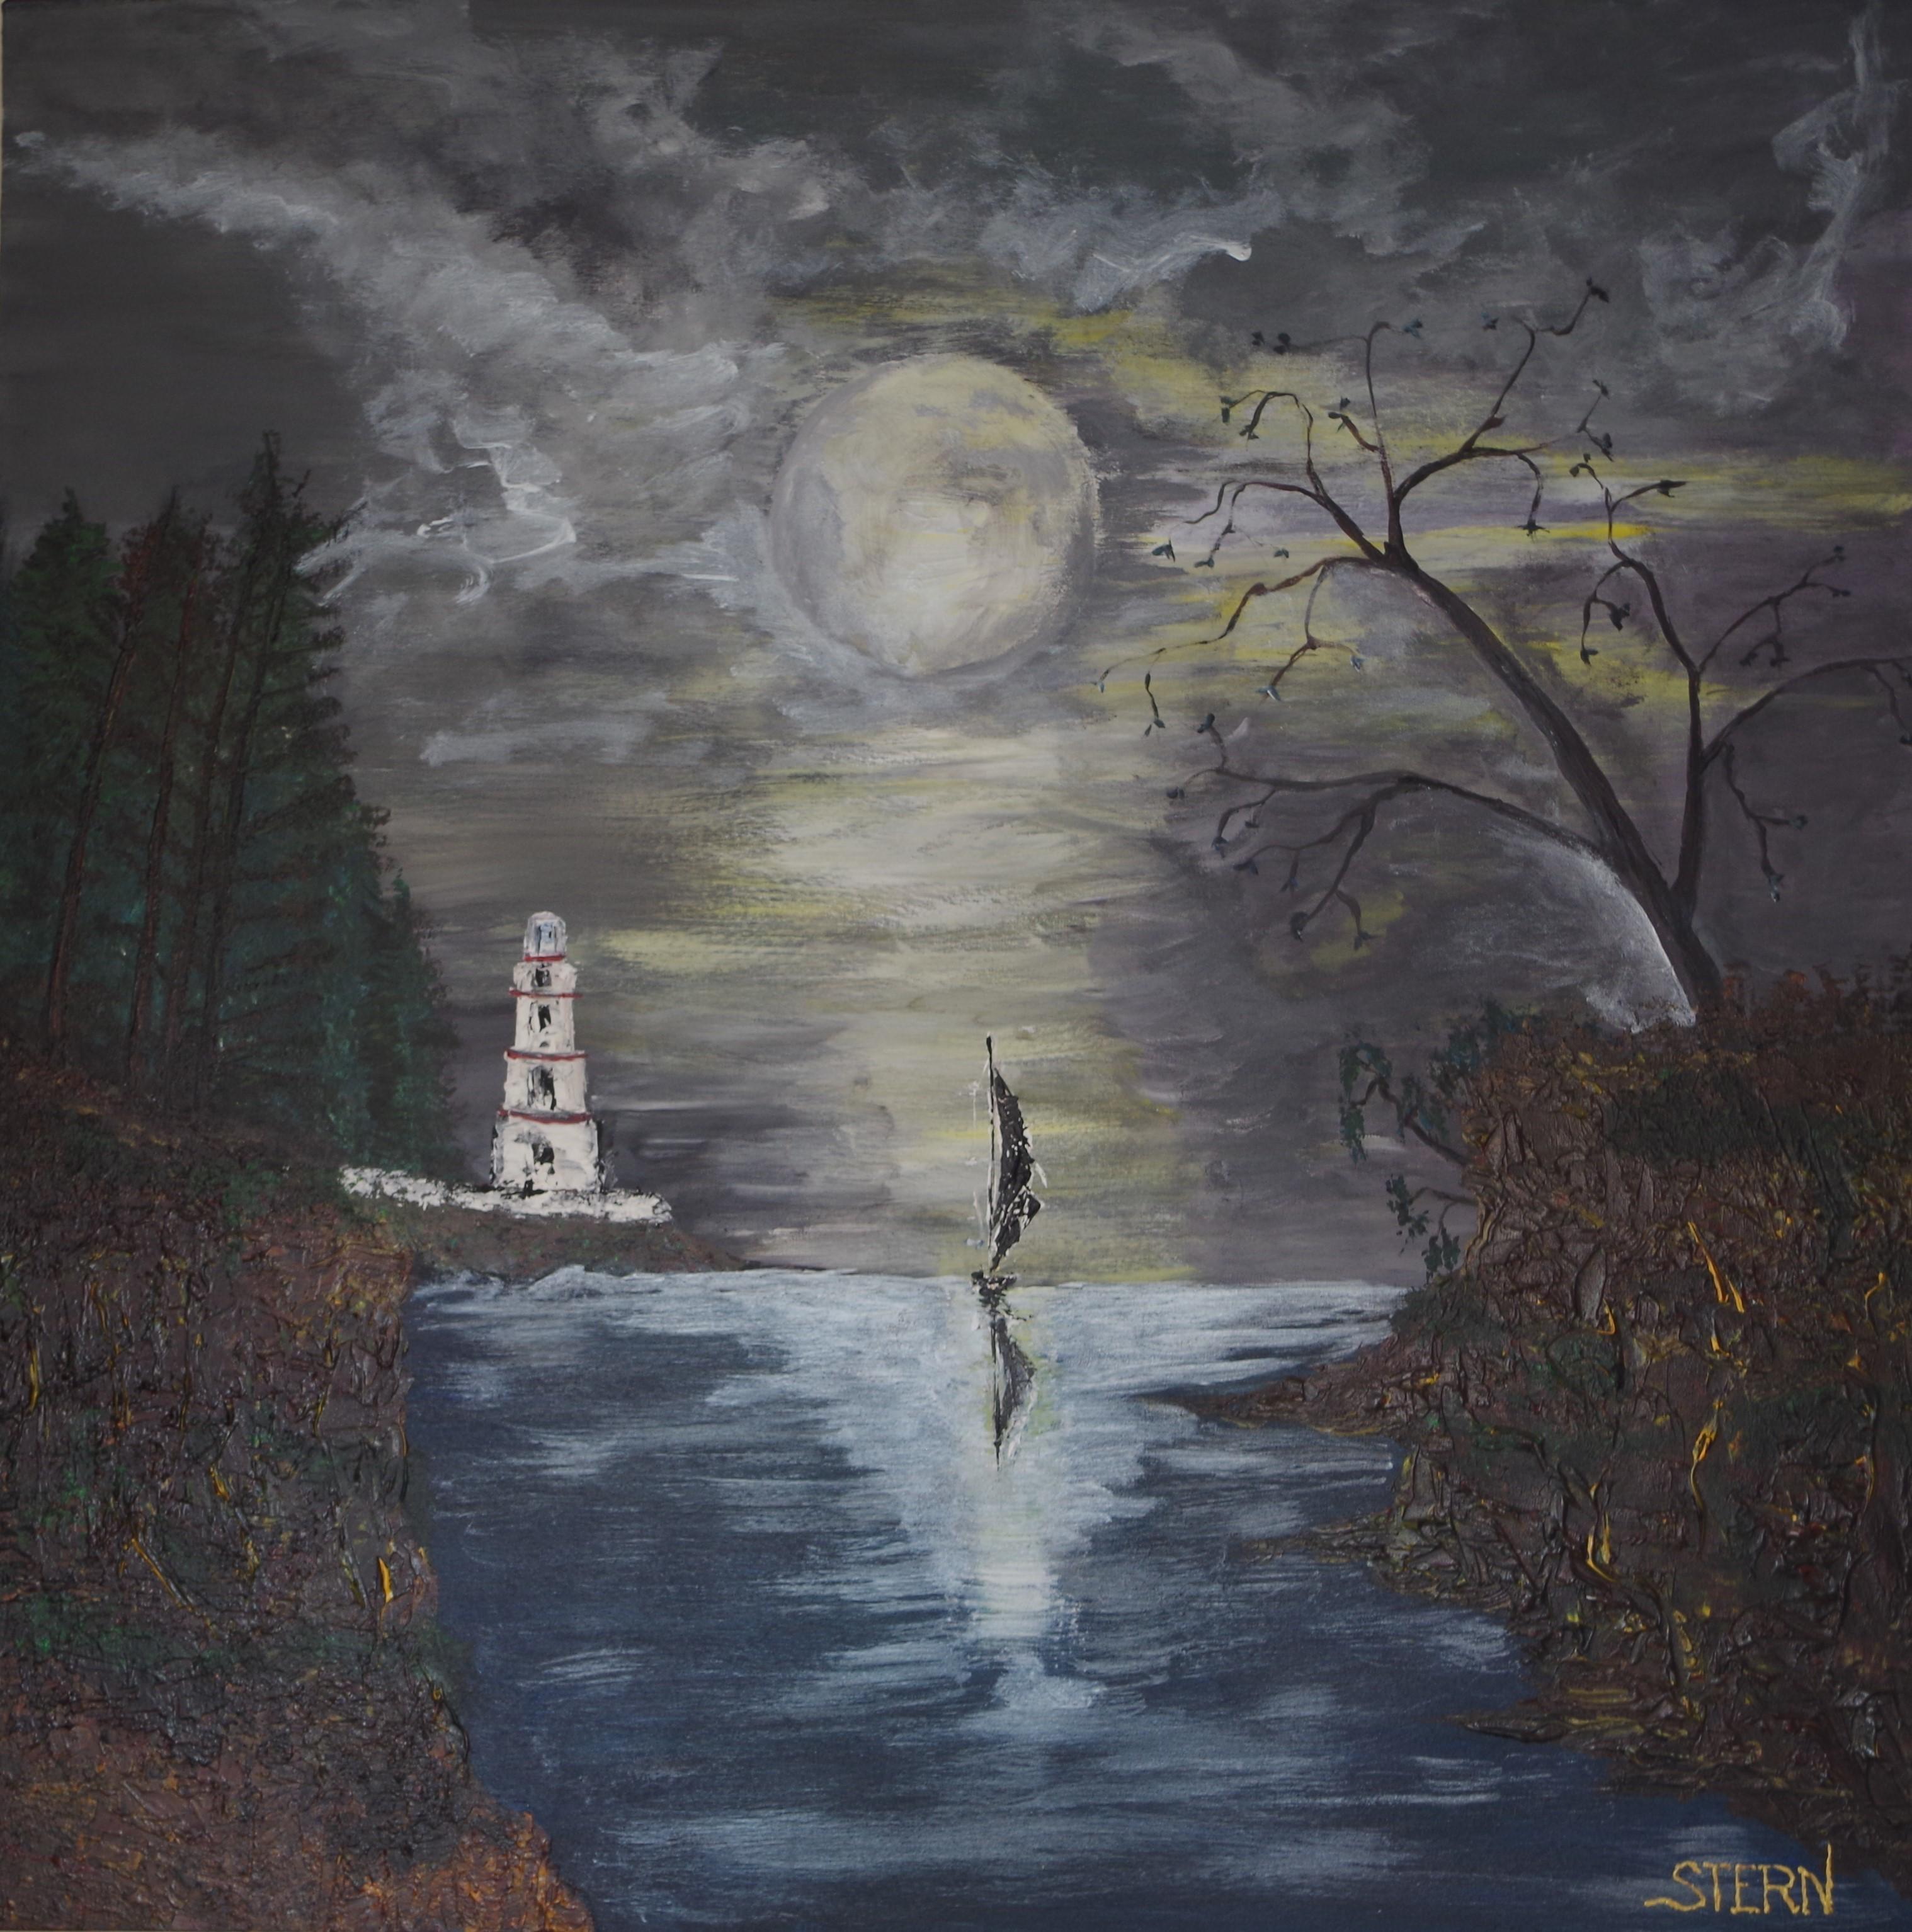 Peintures, Clair de lune, Page 435, Oeuvres d'Artistes